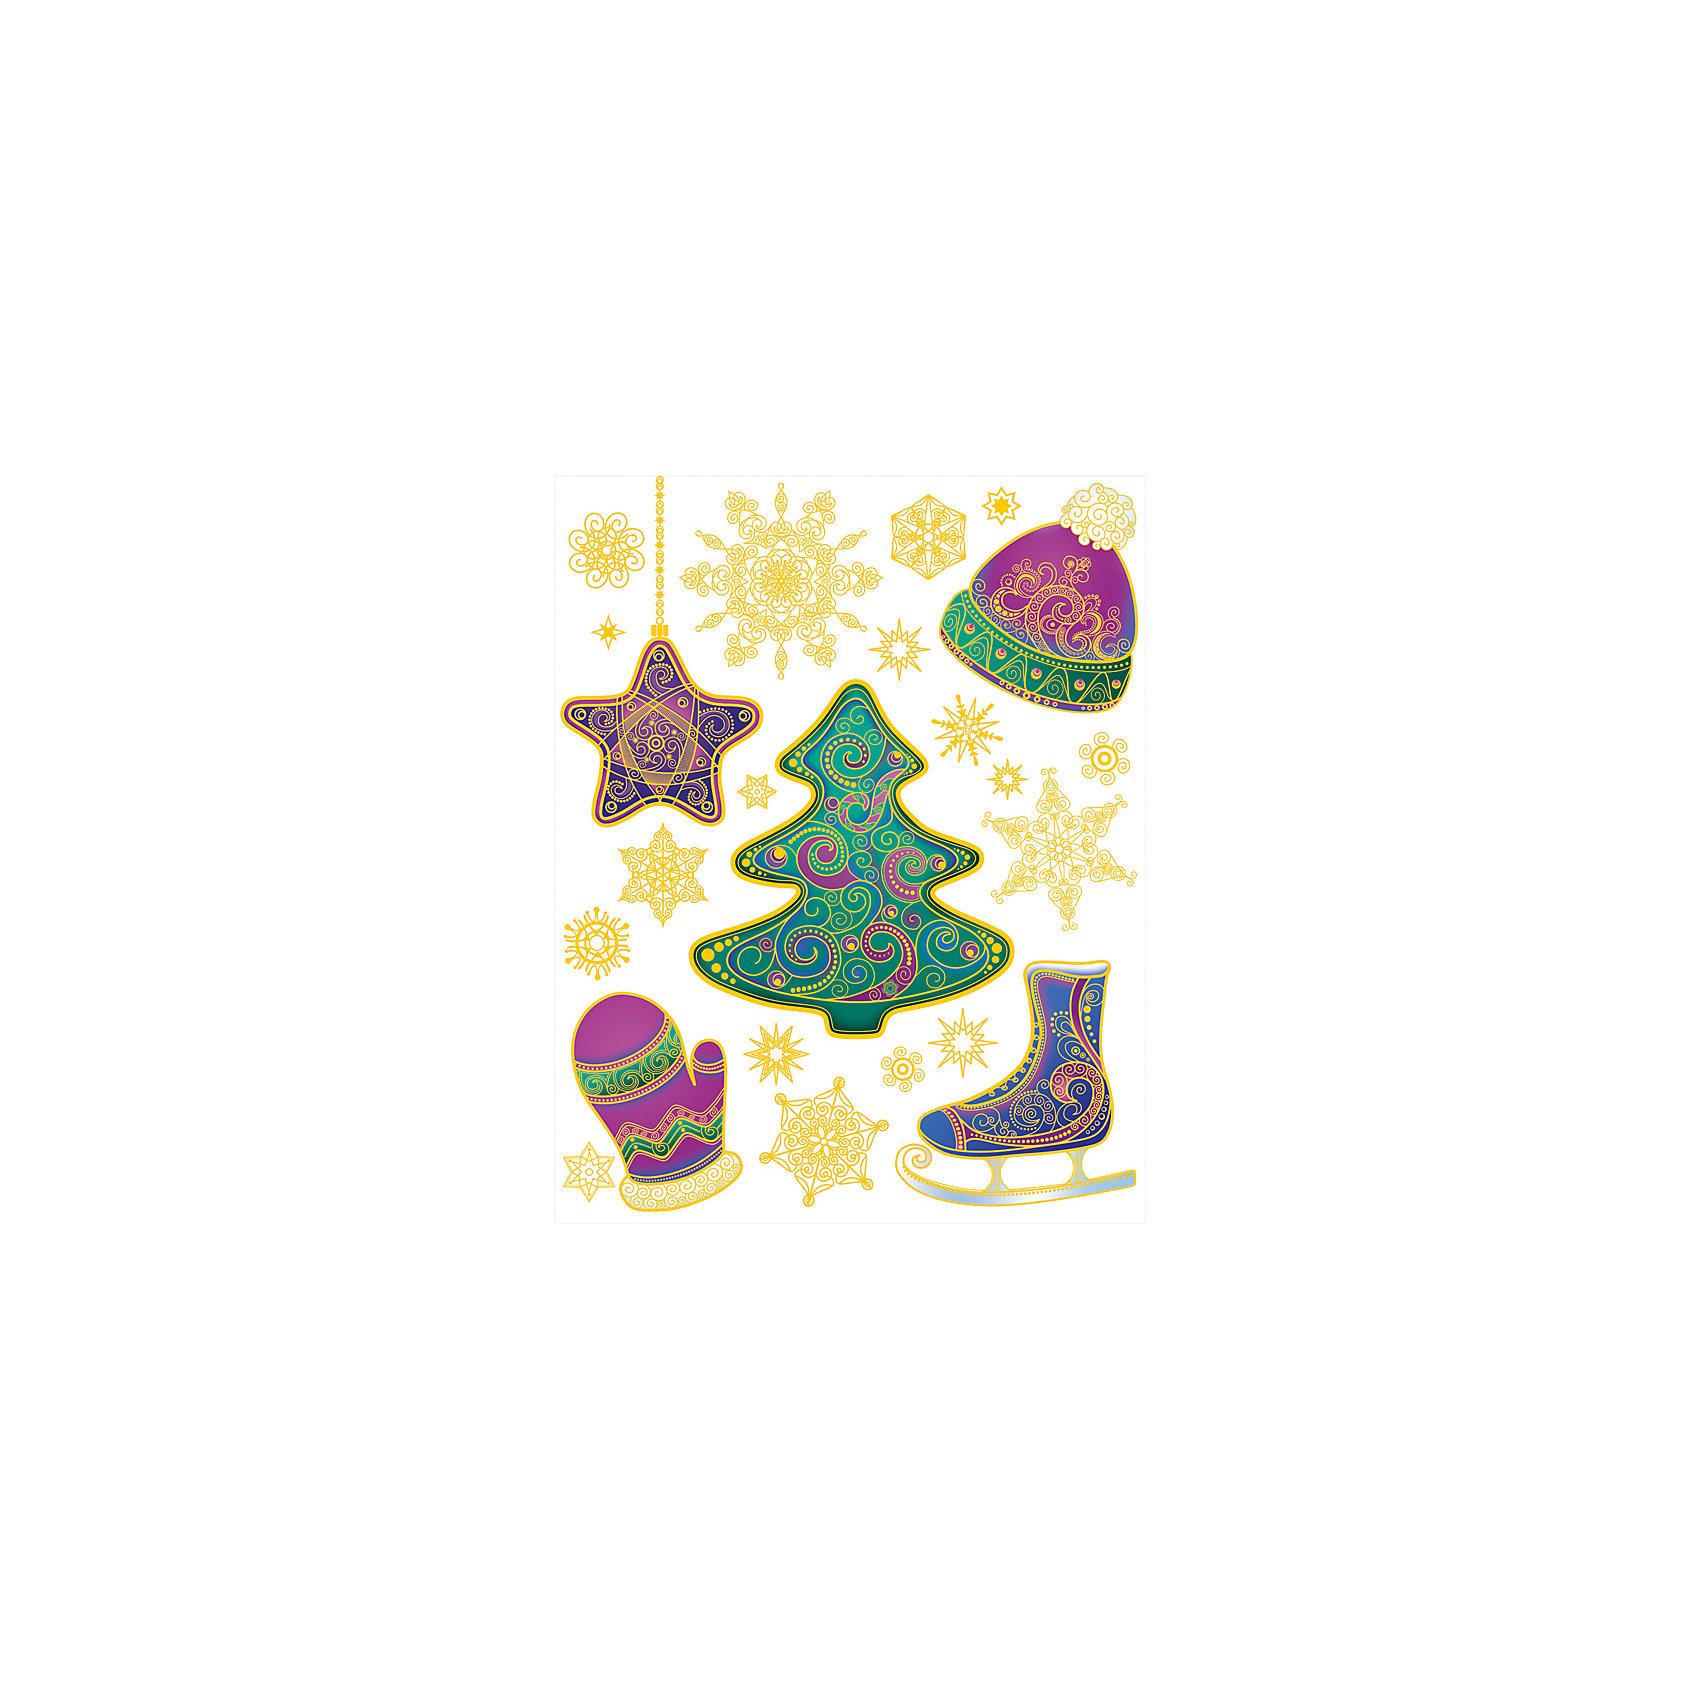 Украшение на окно Зима 30*38 смУкрашение на окно Зима, Феникс-Презент, замечательно украсит Ваш интерьер и создаст праздничное новогоднее настроение. В комплекте несколько красочных наклеек с изображениями украшенной елки, нарядных снежинок и других новогодних атрибутов. Рисунки декорированы<br>глиттером и золотистыми блестками, прочно крепятся к стеклу с помощью прозрачной клейкой пленки, на которую нанесены изображения. Не оставляют следов на поверхности.<br><br><br>Дополнительная информация:<br><br>- Материал: ПВХ пленка.<br>- Размер листа с наклейками: 30 х 38 см.<br>- Размер наибольшей наклейки: 19 х 17 см. <br>- Размер упаковки: 40 x 30,5 x 0,2 см.   <br>- Вес: 60 гр. <br><br>Украшение на окно Зима, Феникс-Презент, можно купить в нашем интернет-магазине.<br><br>Ширина мм: 1<br>Глубина мм: 320<br>Высота мм: 460<br>Вес г: 100<br>Возраст от месяцев: 36<br>Возраст до месяцев: 2147483647<br>Пол: Унисекс<br>Возраст: Детский<br>SKU: 4274692